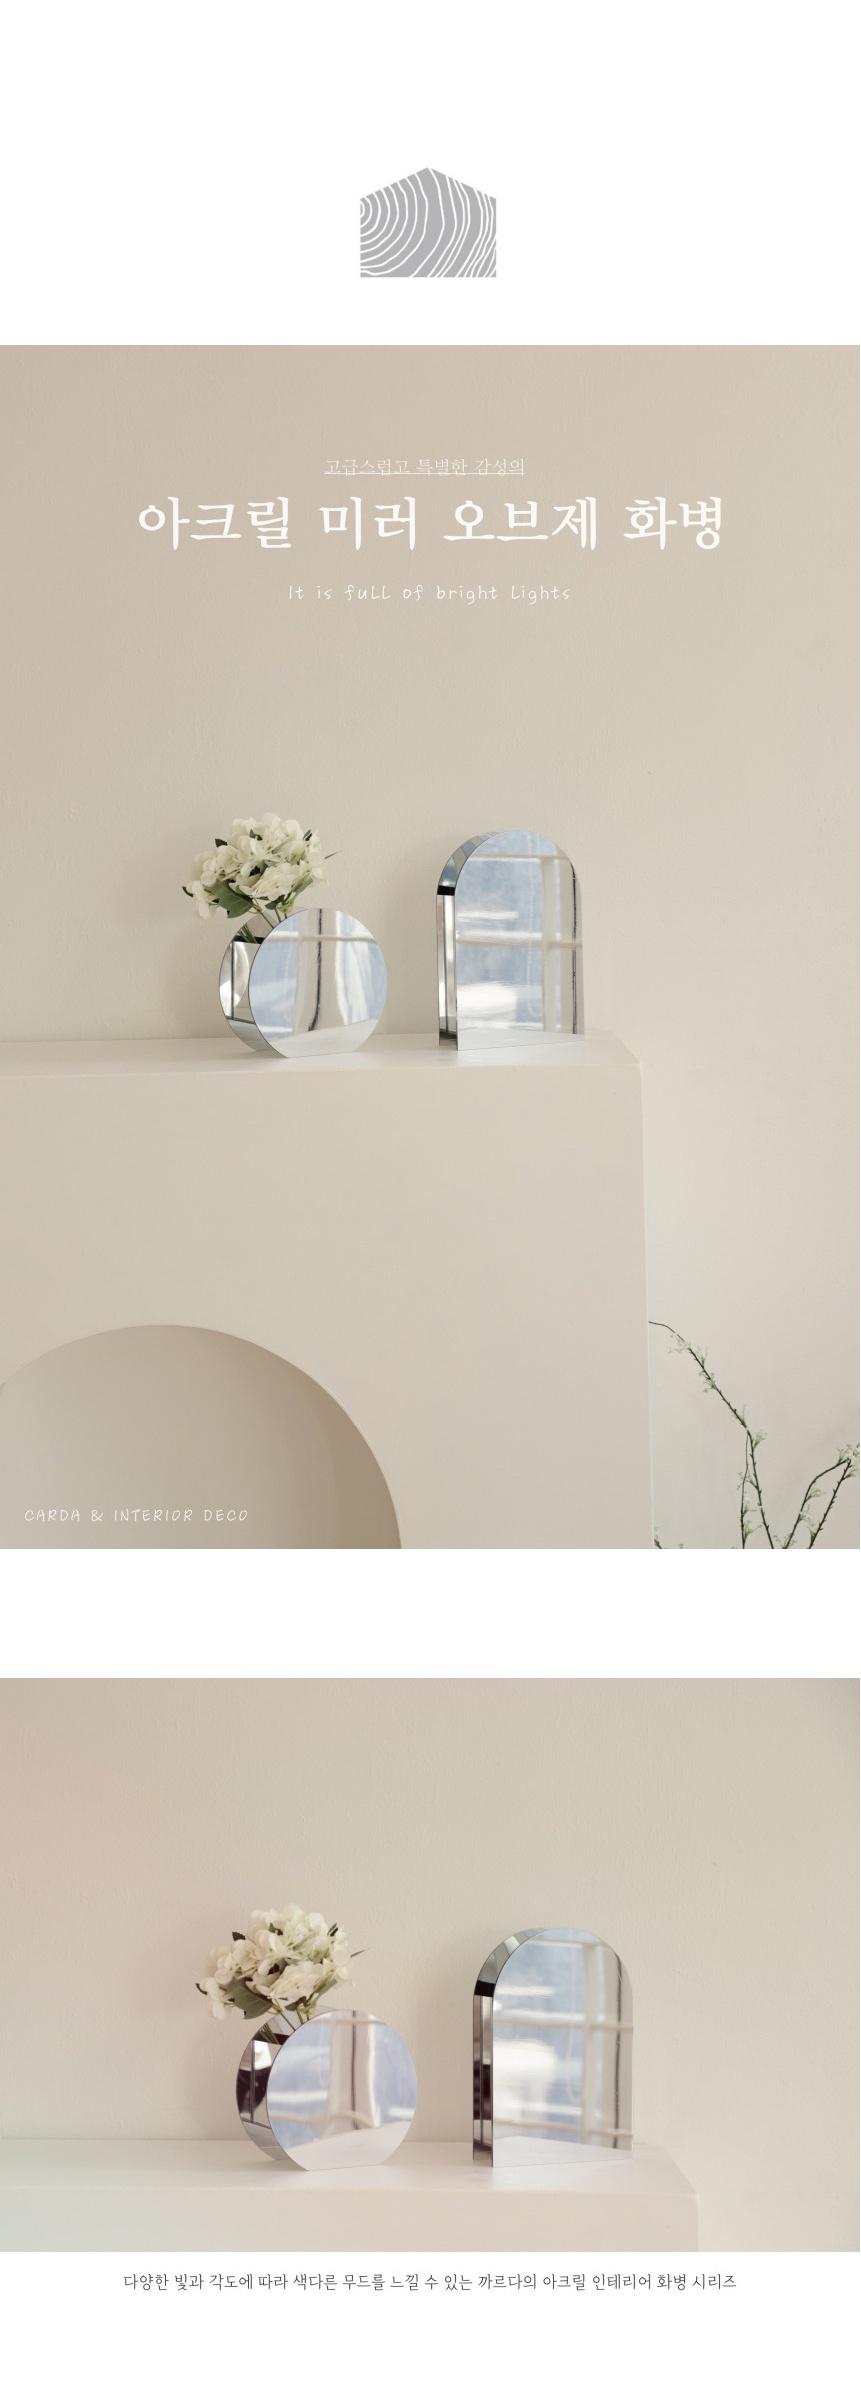 acrylic_mirror_vase_01.jpg